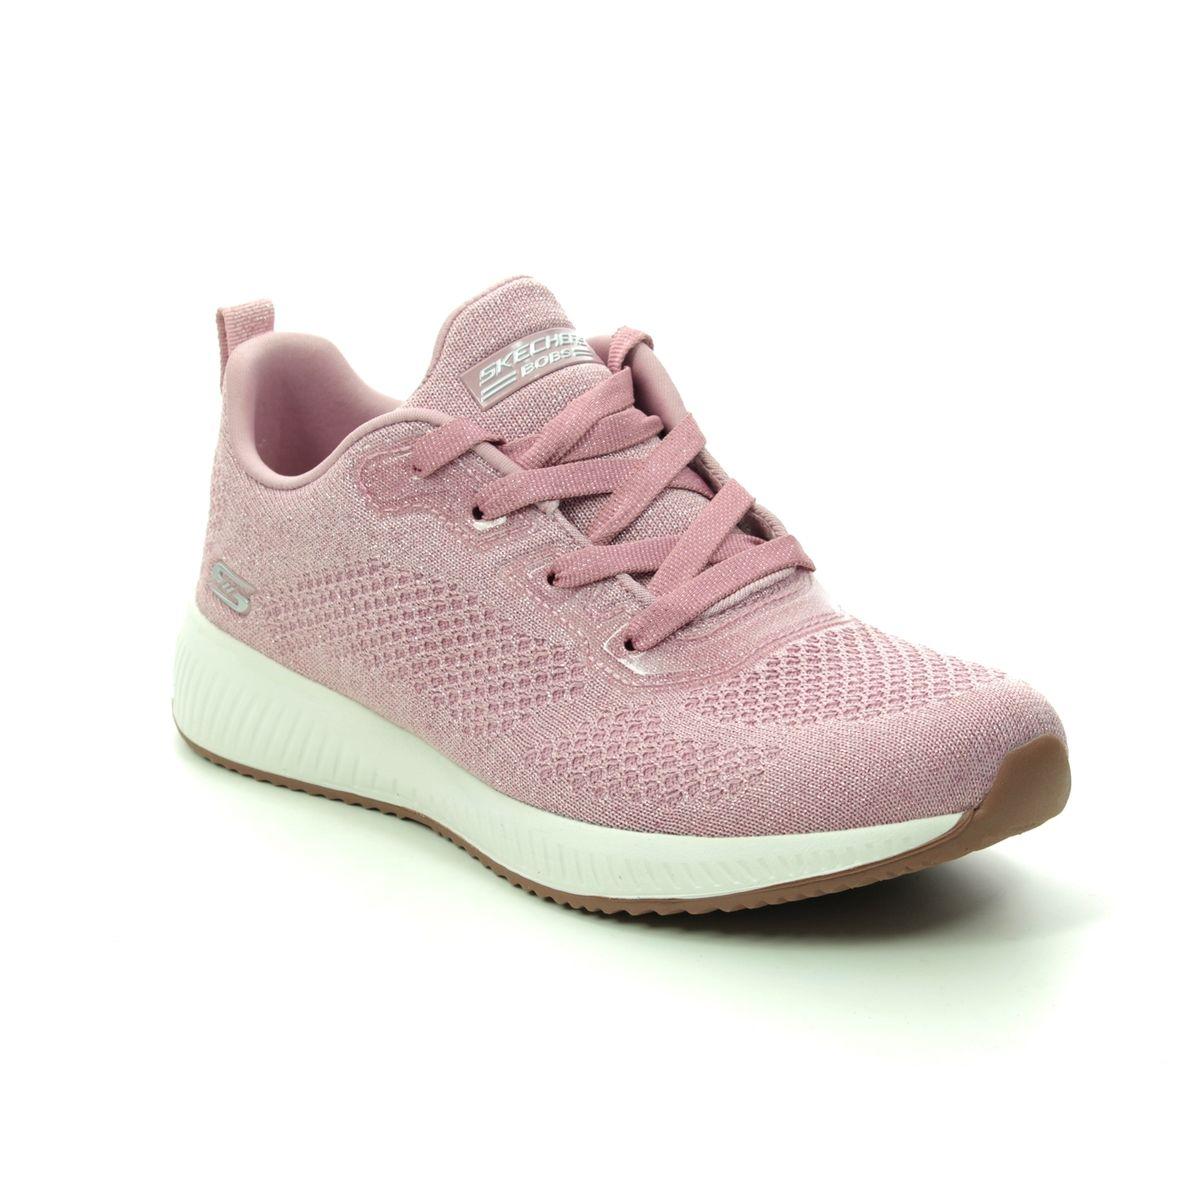 Skechers Bobs Squad 117006 PNK Pink